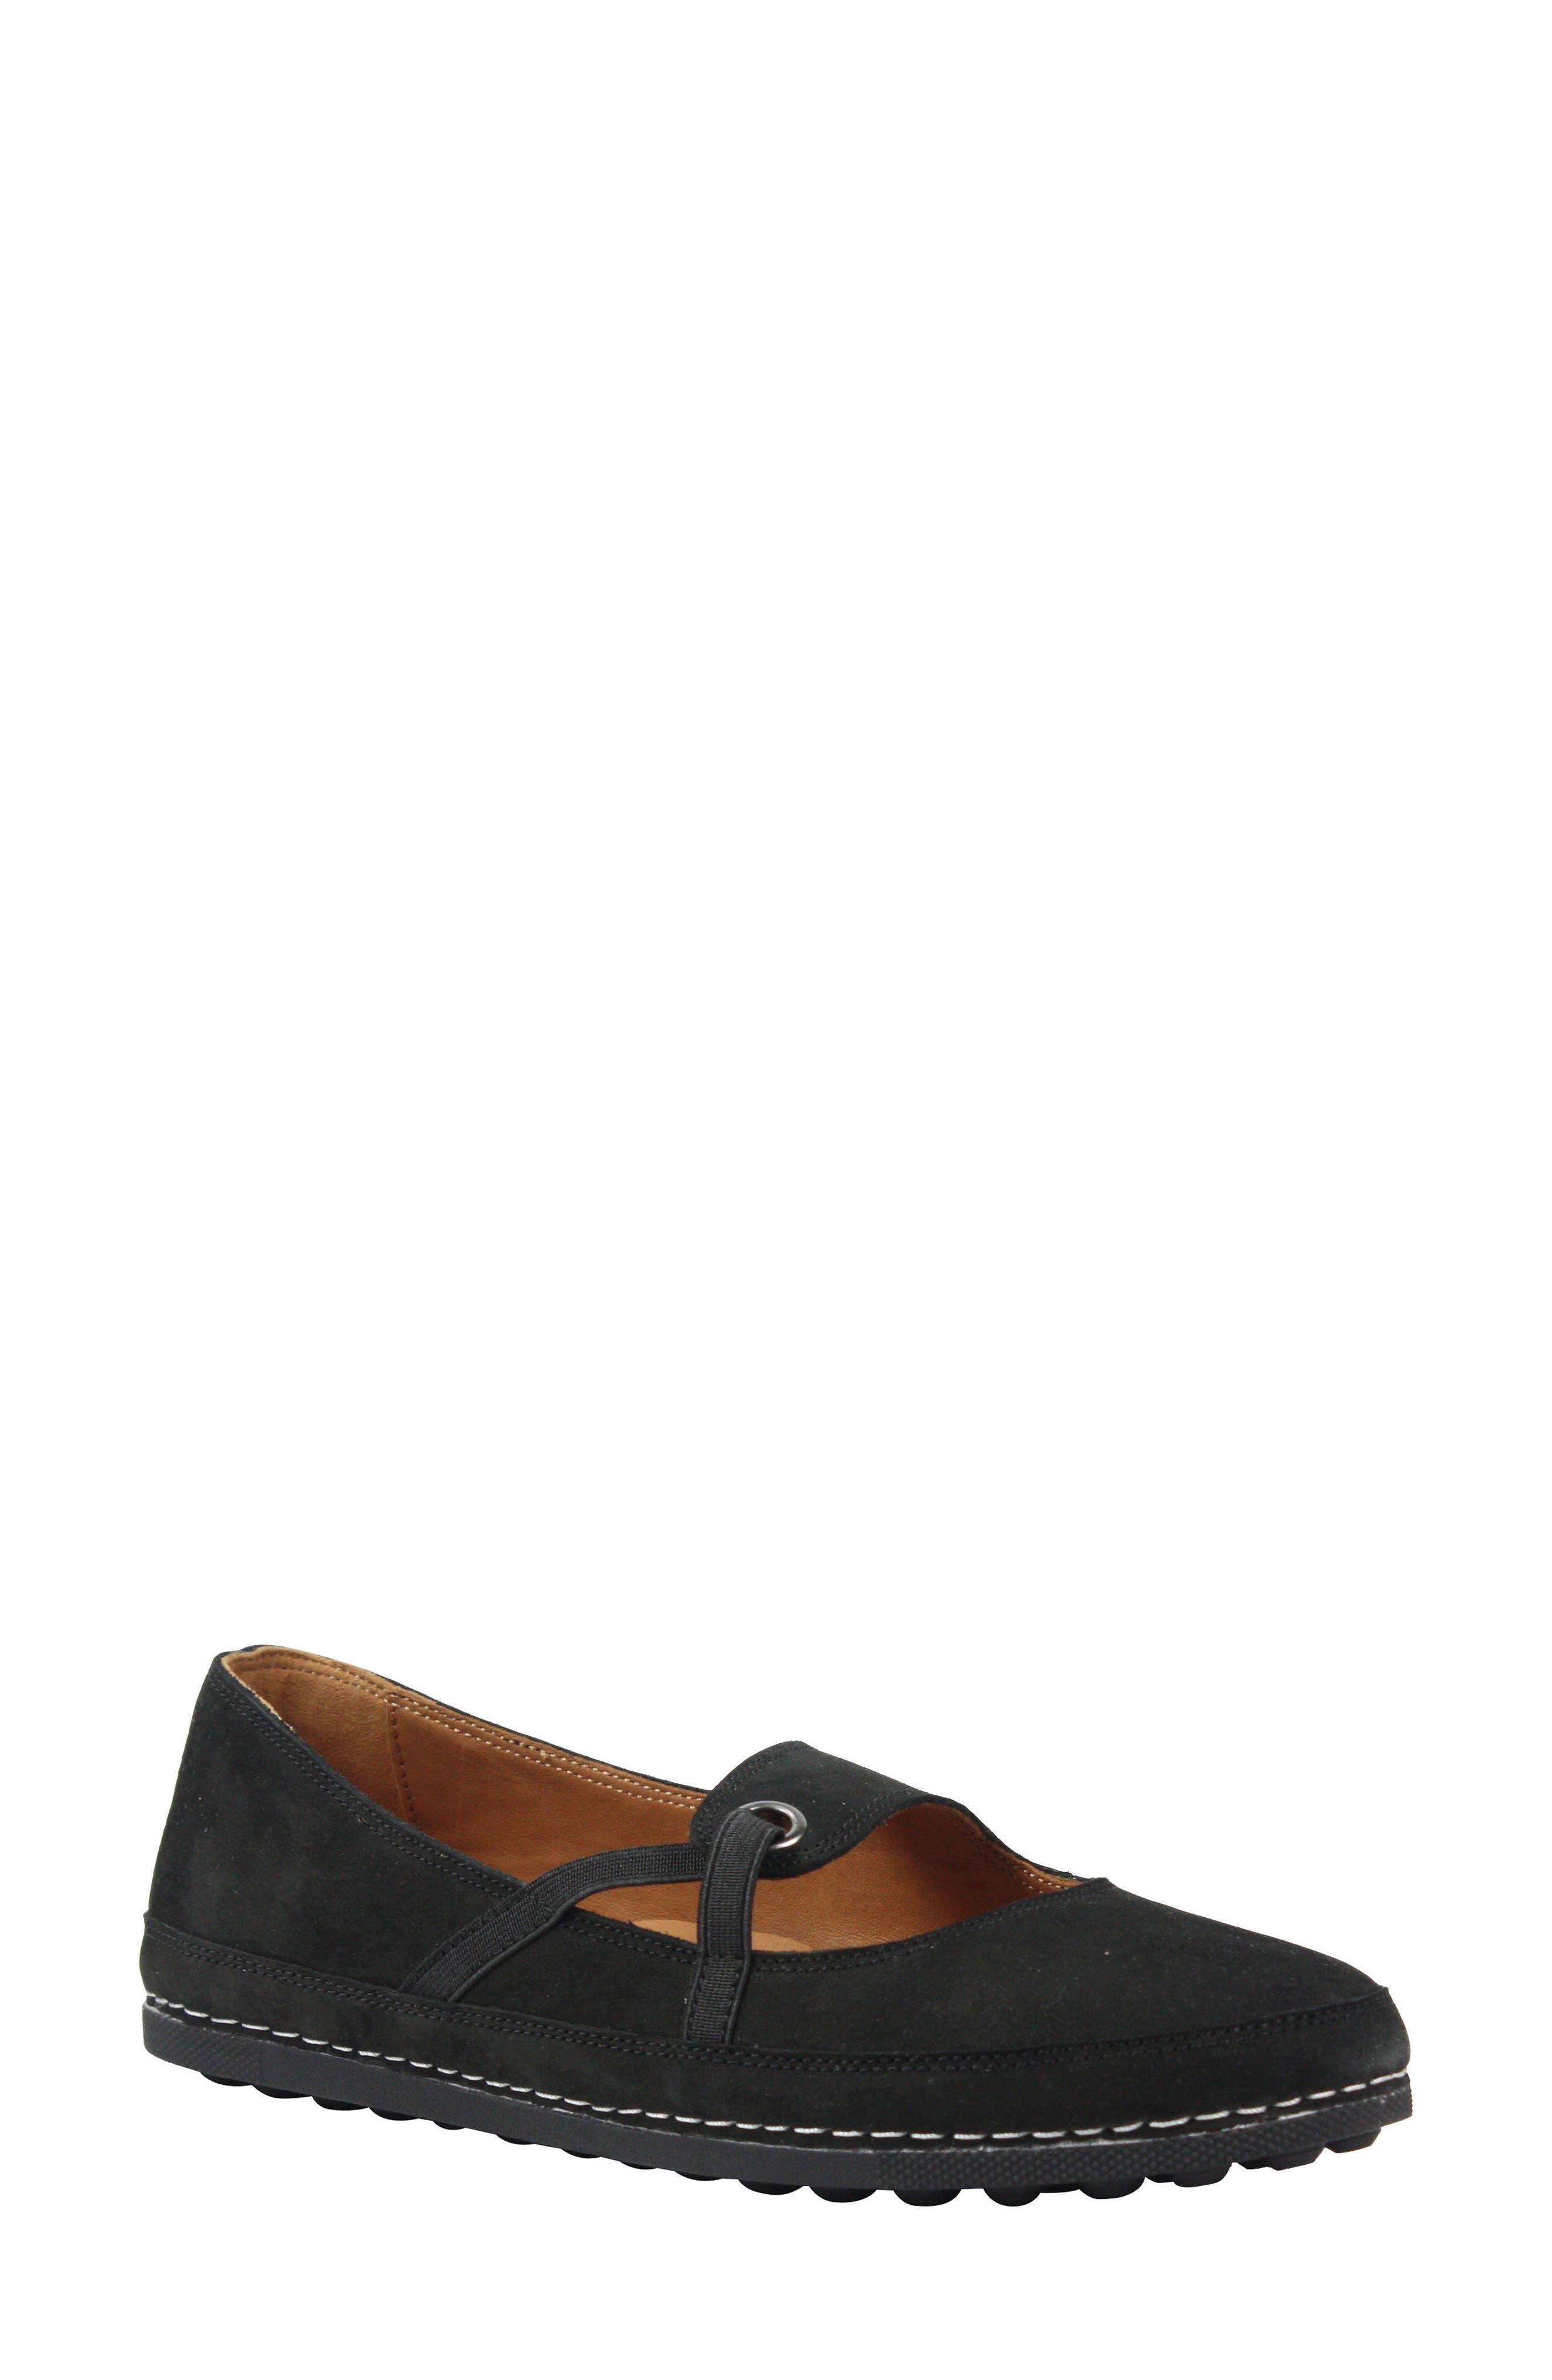 Denisse Mary Jane Flat,                         Main,                         color, Black Nubuck Leather